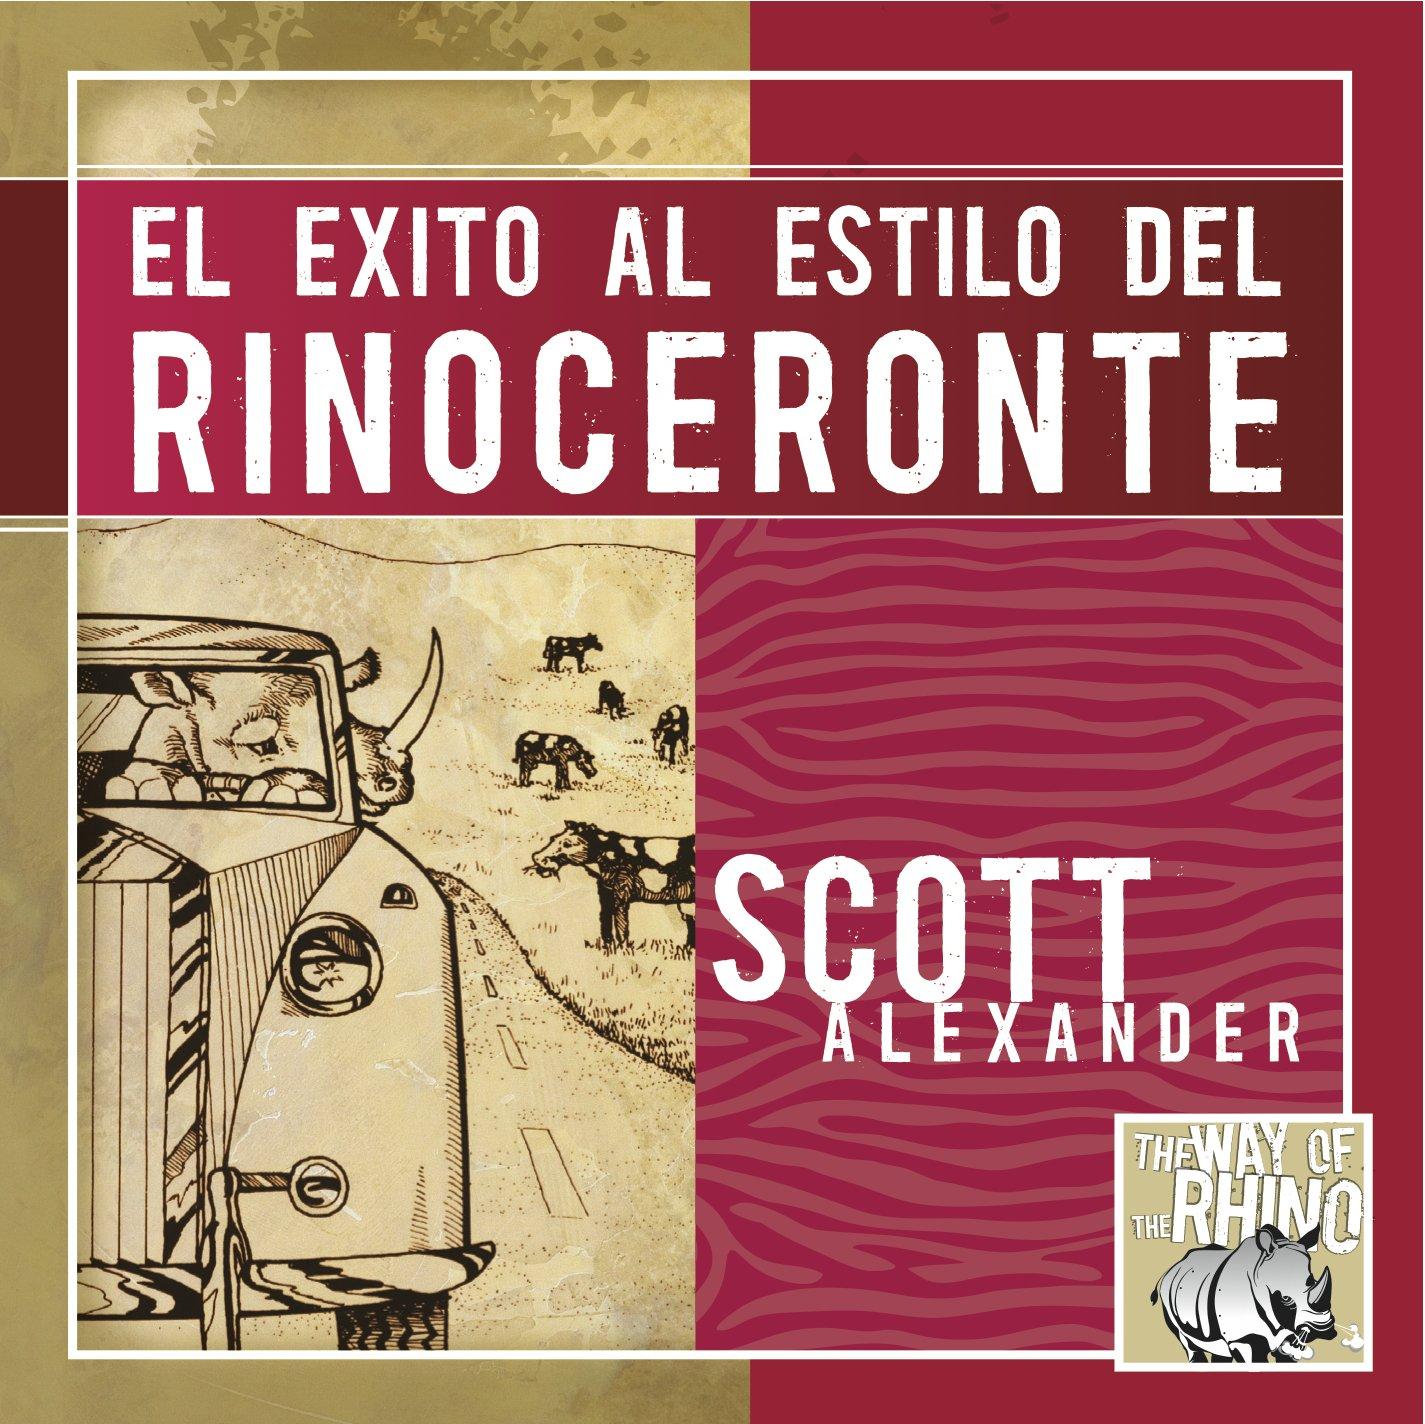 El exito al estilo del rinoceronte scott alexander roberto borquez 9780978982072 amazon com books